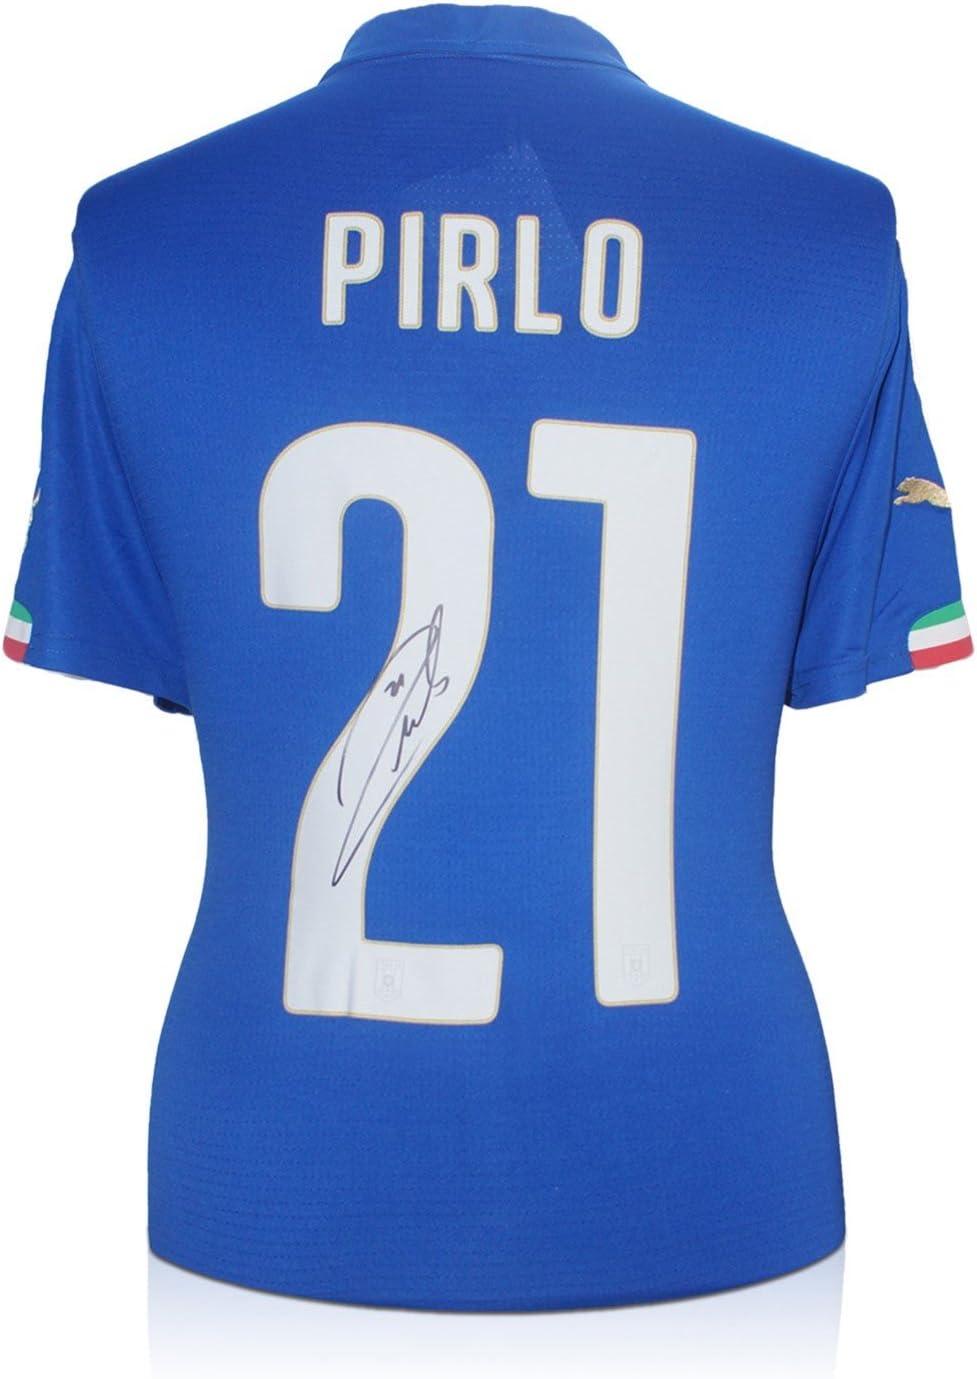 Andrea Pirlo Italia 2014-15 camiseta de fútbol firmada: Amazon.es ...